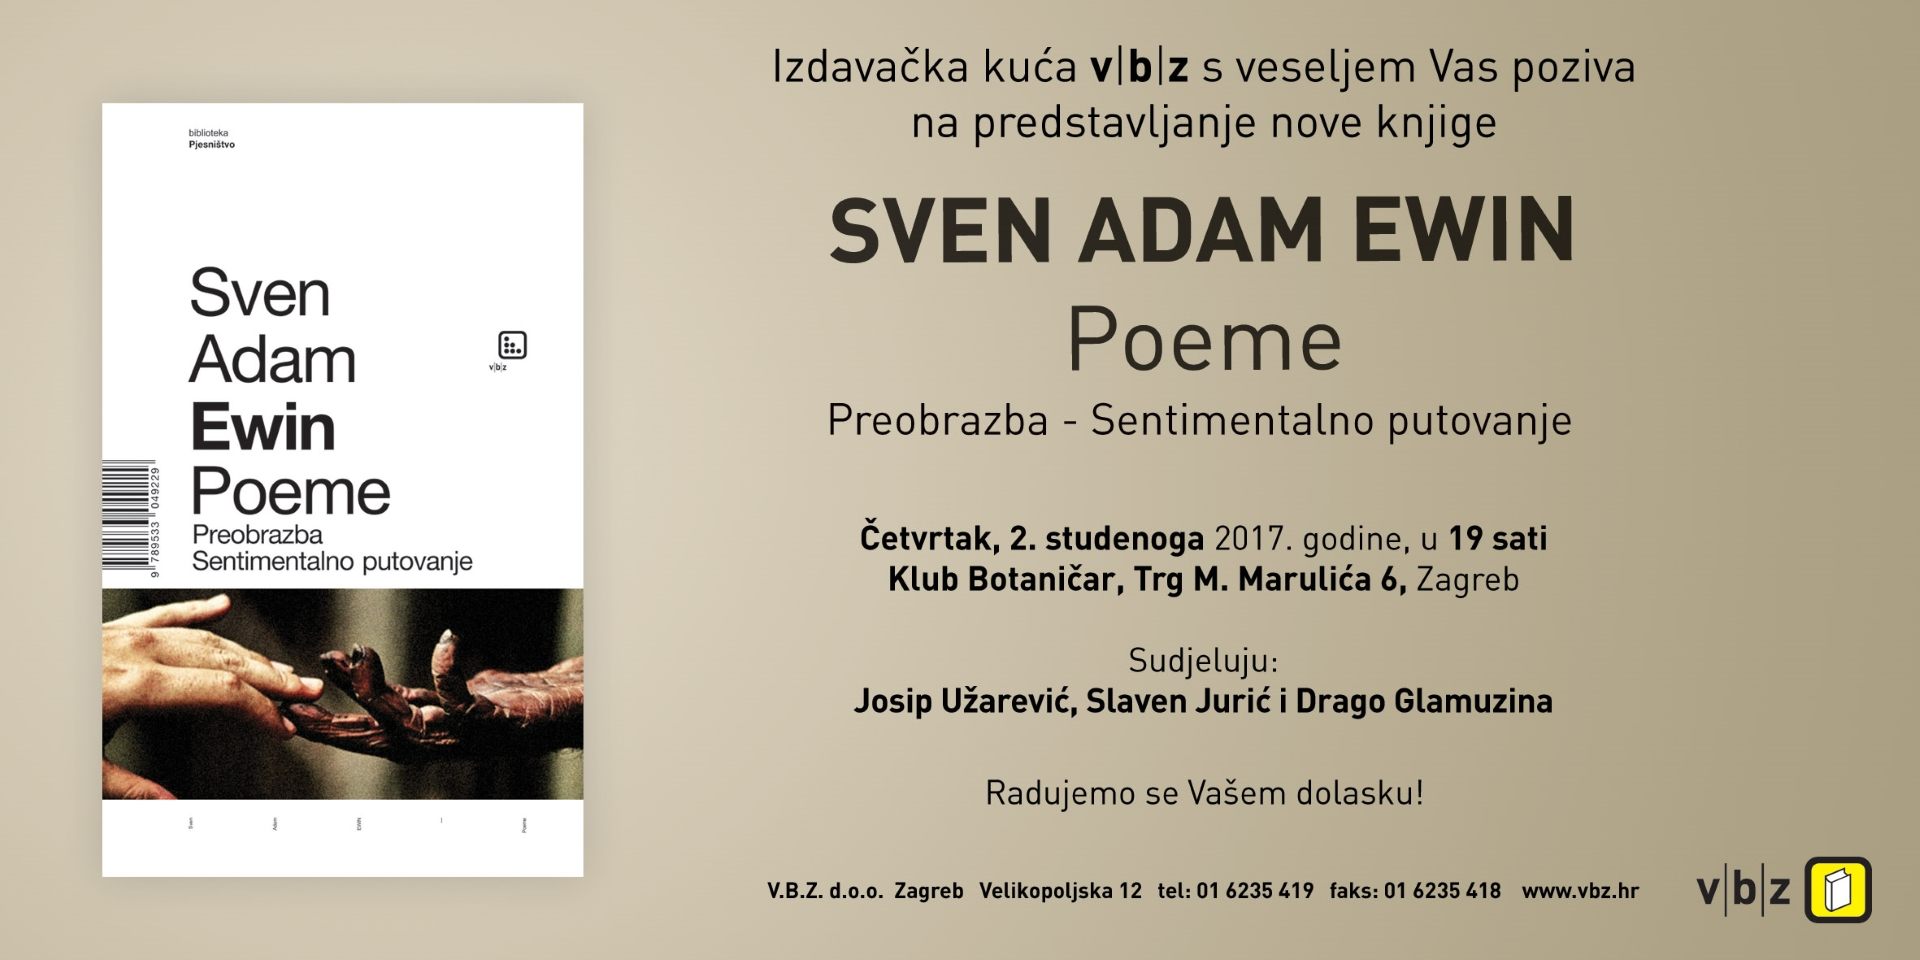 Predstavljanje knjige Svena Adama Ewina 'Poeme'